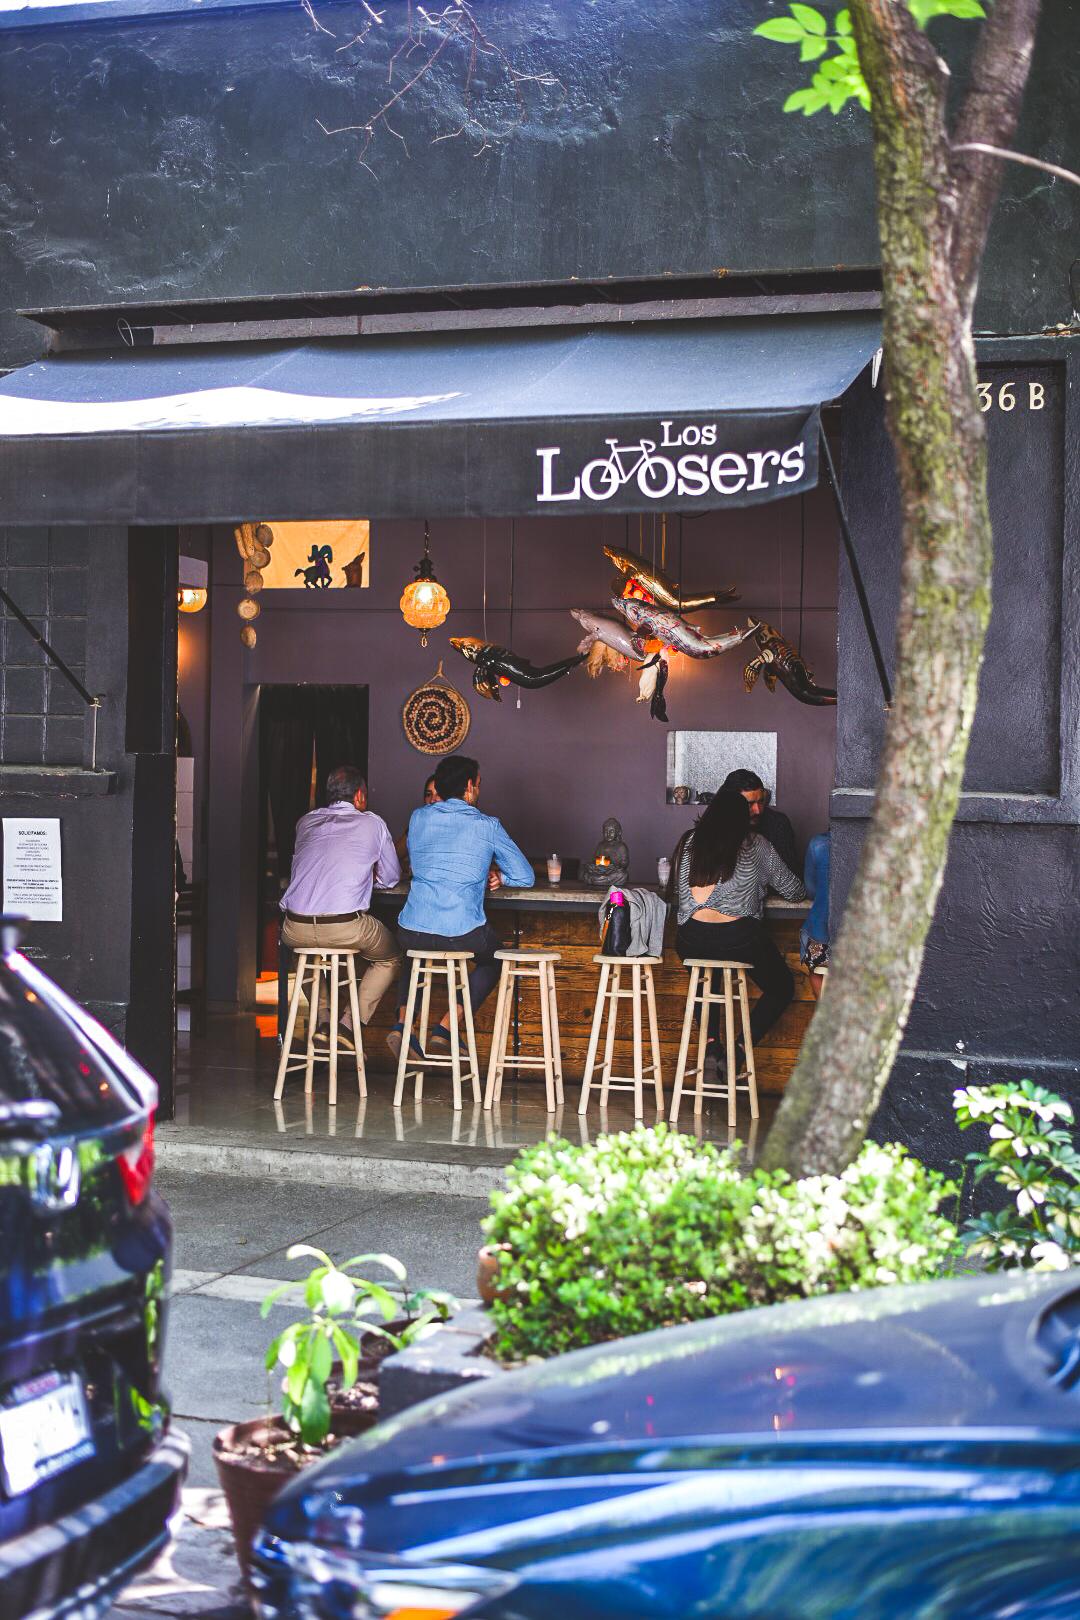 Los Loosers